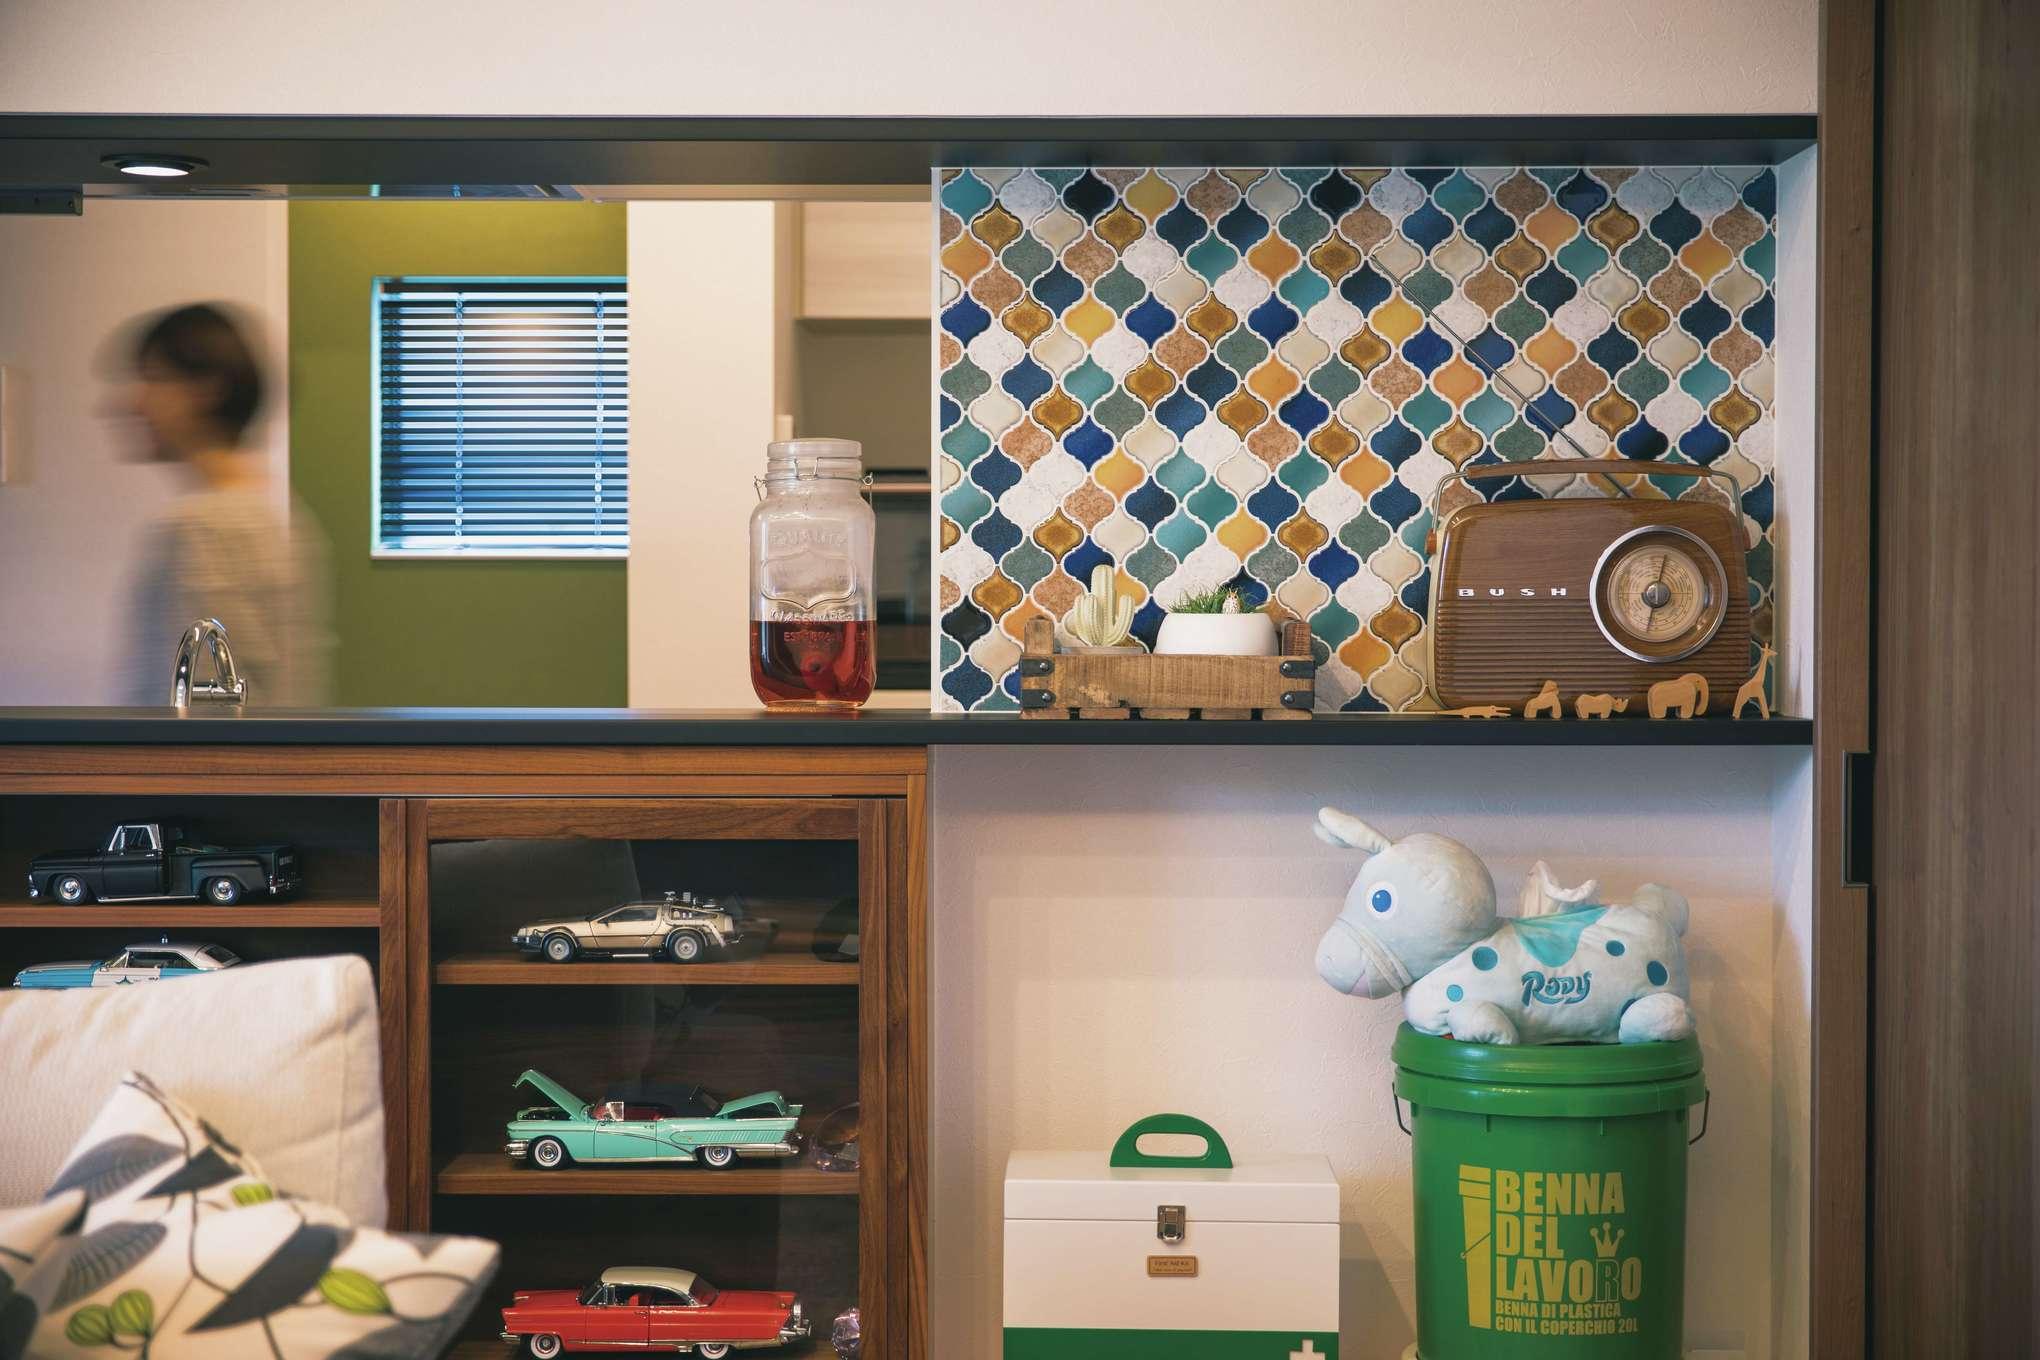 宮下工務店【デザイン住宅、間取り、インテリア】対面キッチンとの仕切り壁にはコラベルタイルを採用。カウンターの下にはぴったりサイズの棚にご主人のミニカーコレクションをディスプレイ